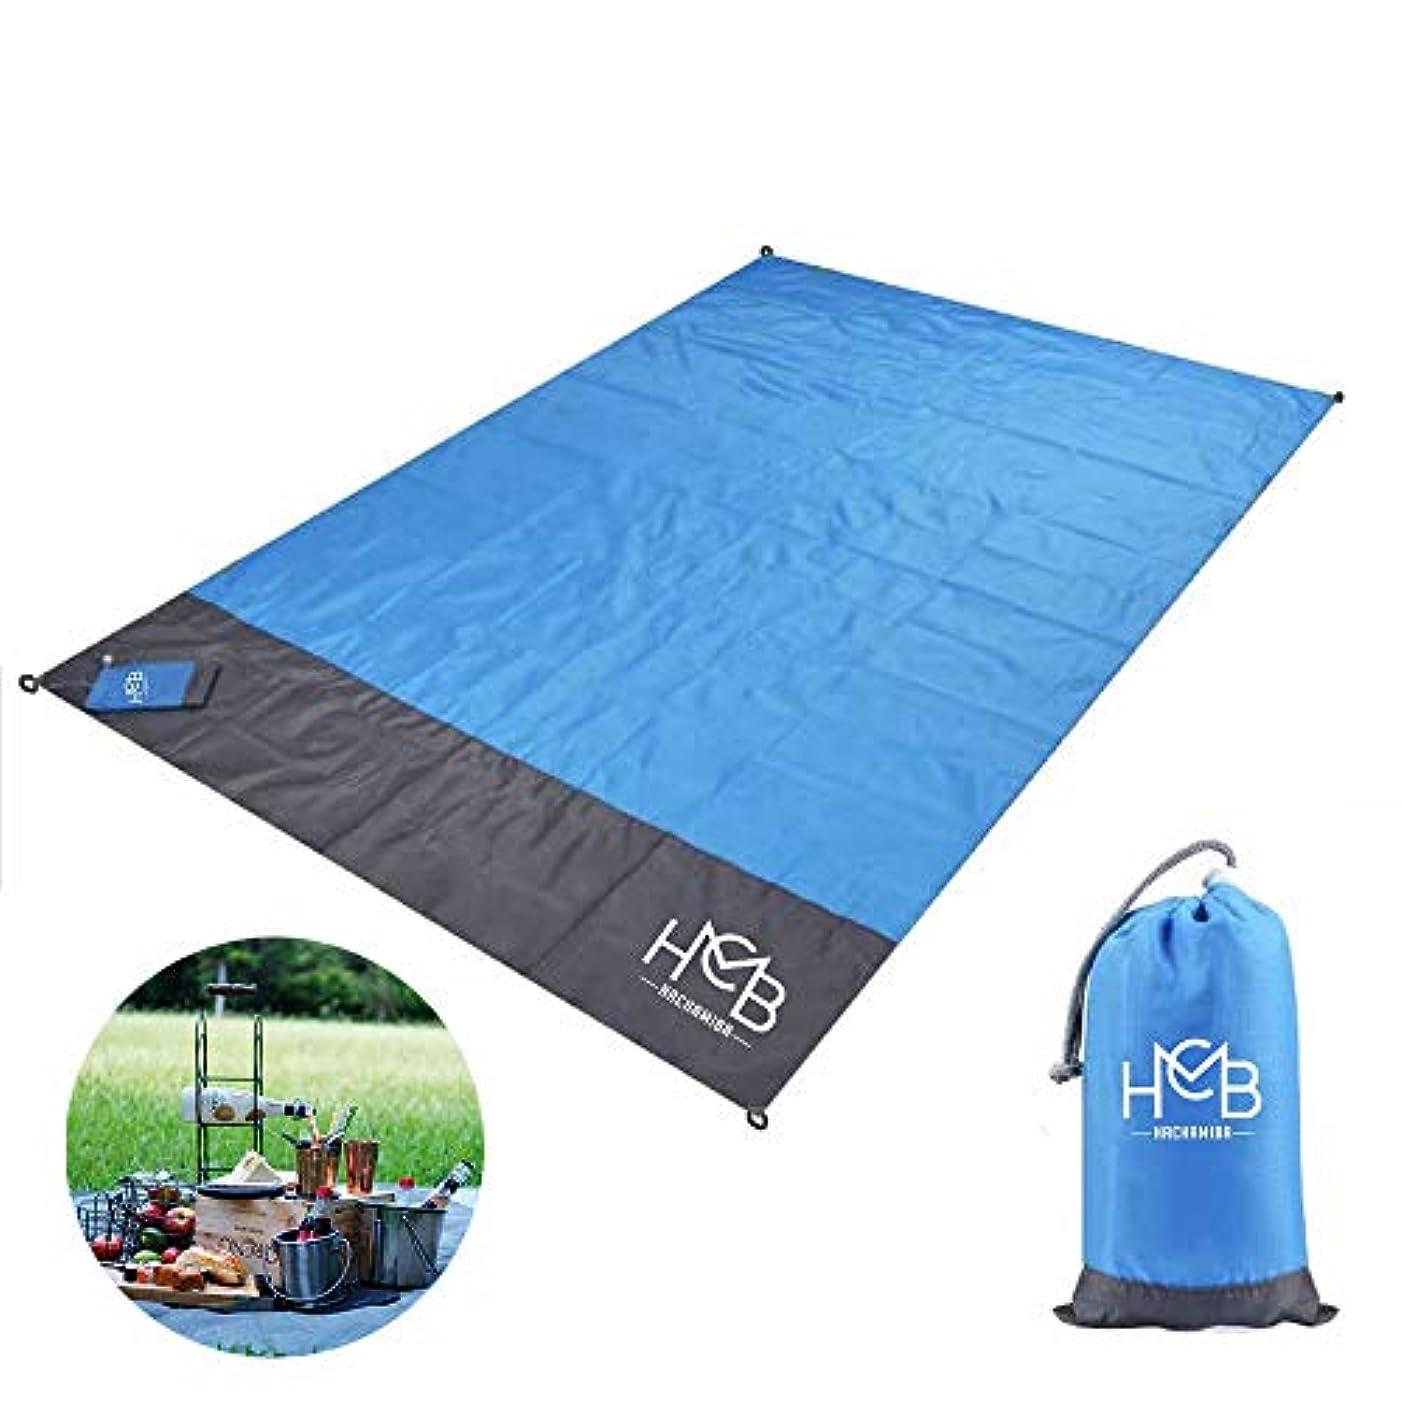 分離するさようなら魅力屋外キャンプナイロンポケットピクニックマットポータブルミニ防水チェック柄防湿ピクニック毛布